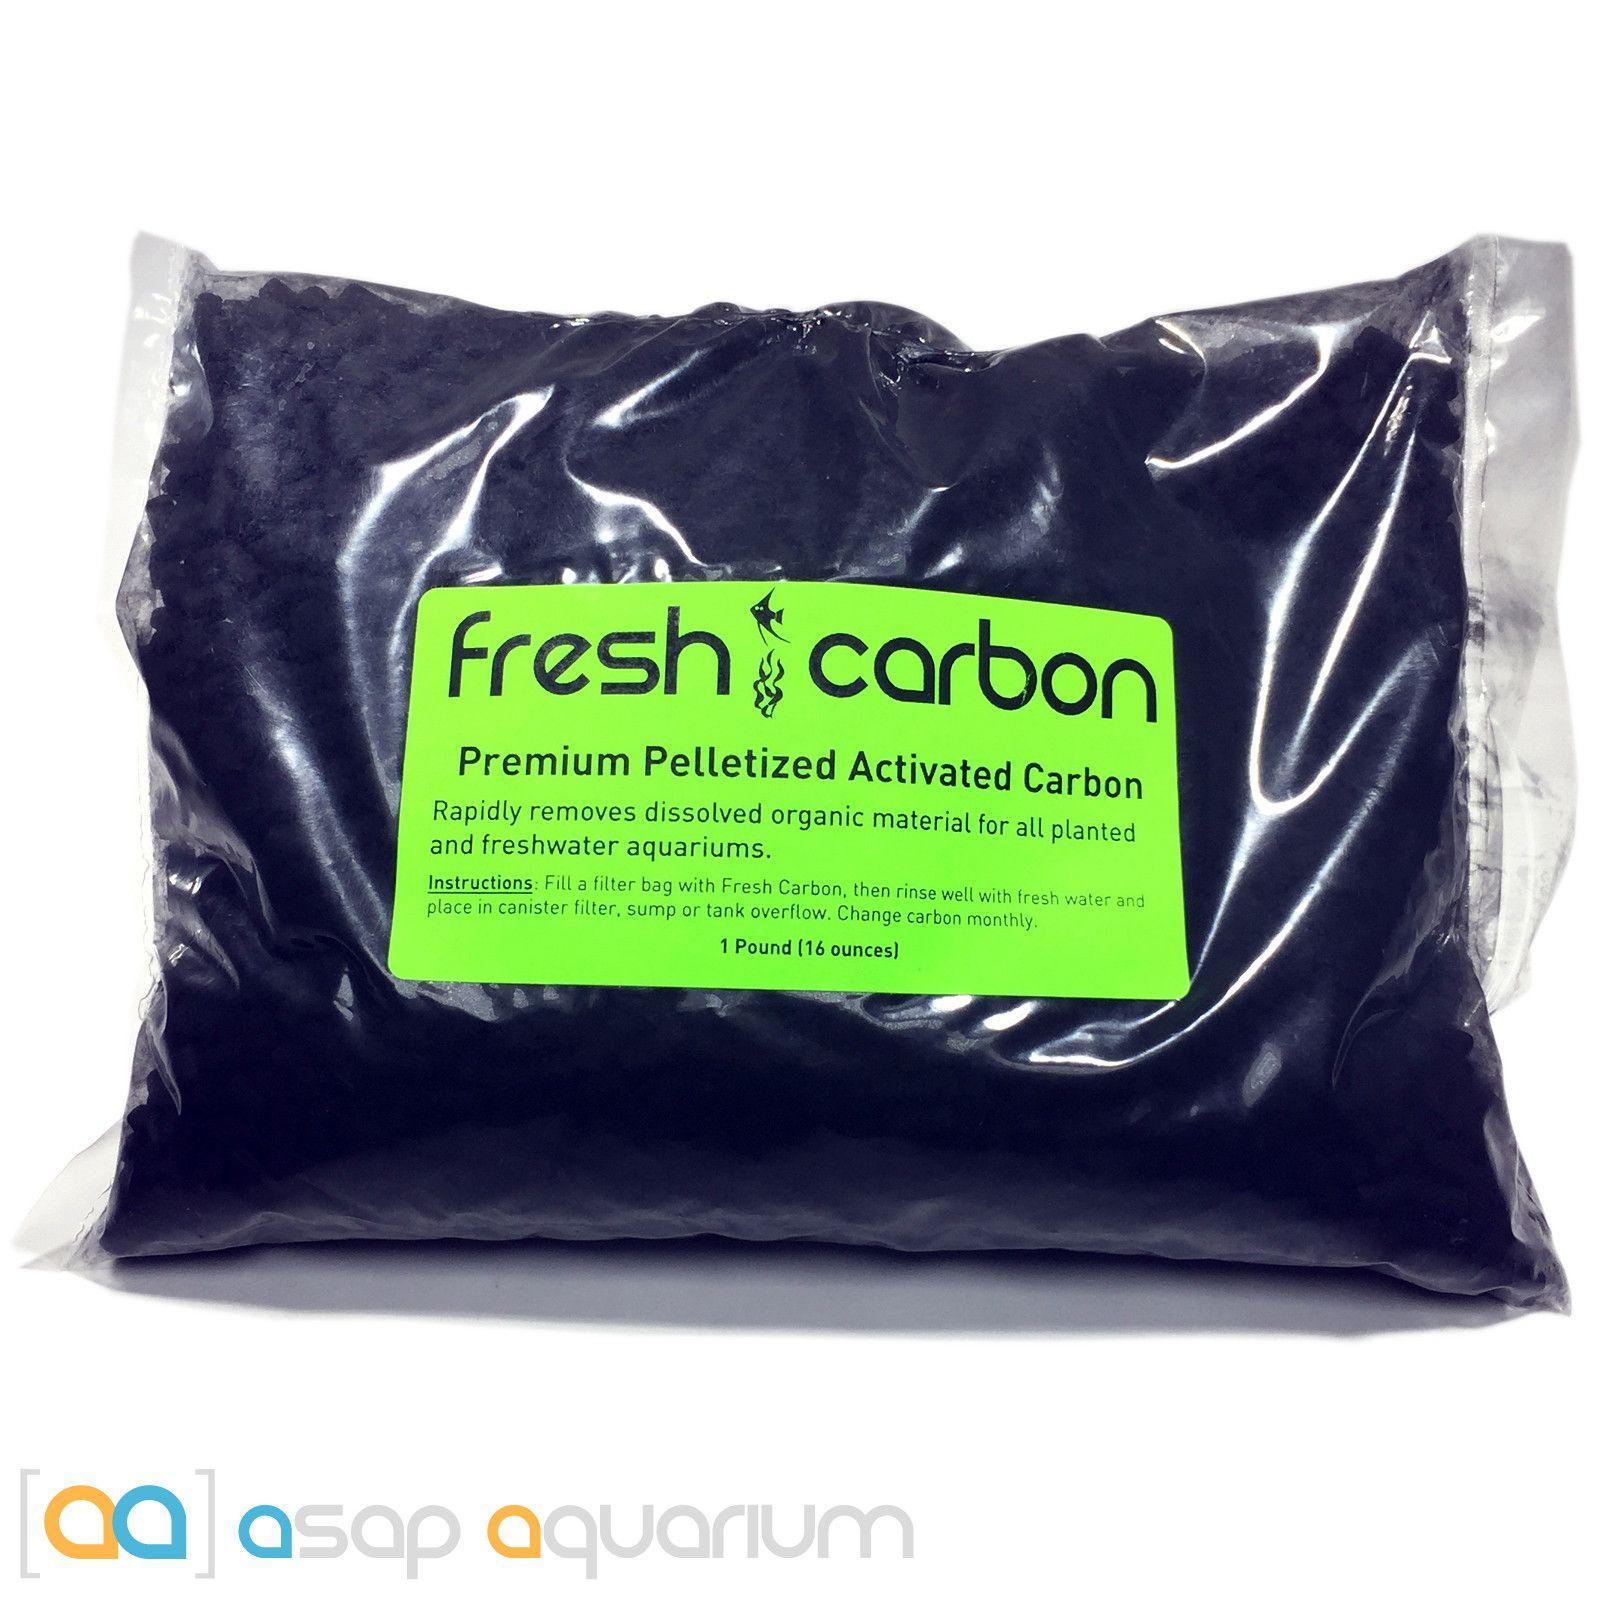 fresh carbon 16 oz premium activated pelletized carbon for